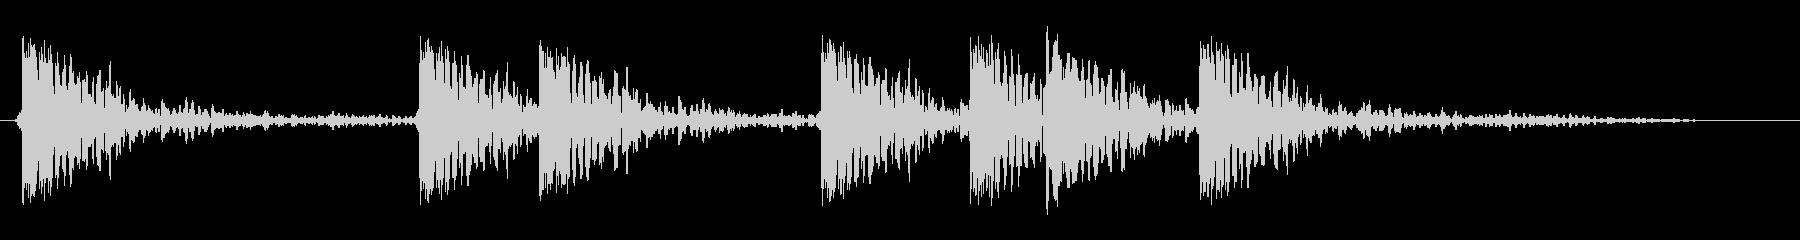 リズミカルに転がっているような効果音の未再生の波形